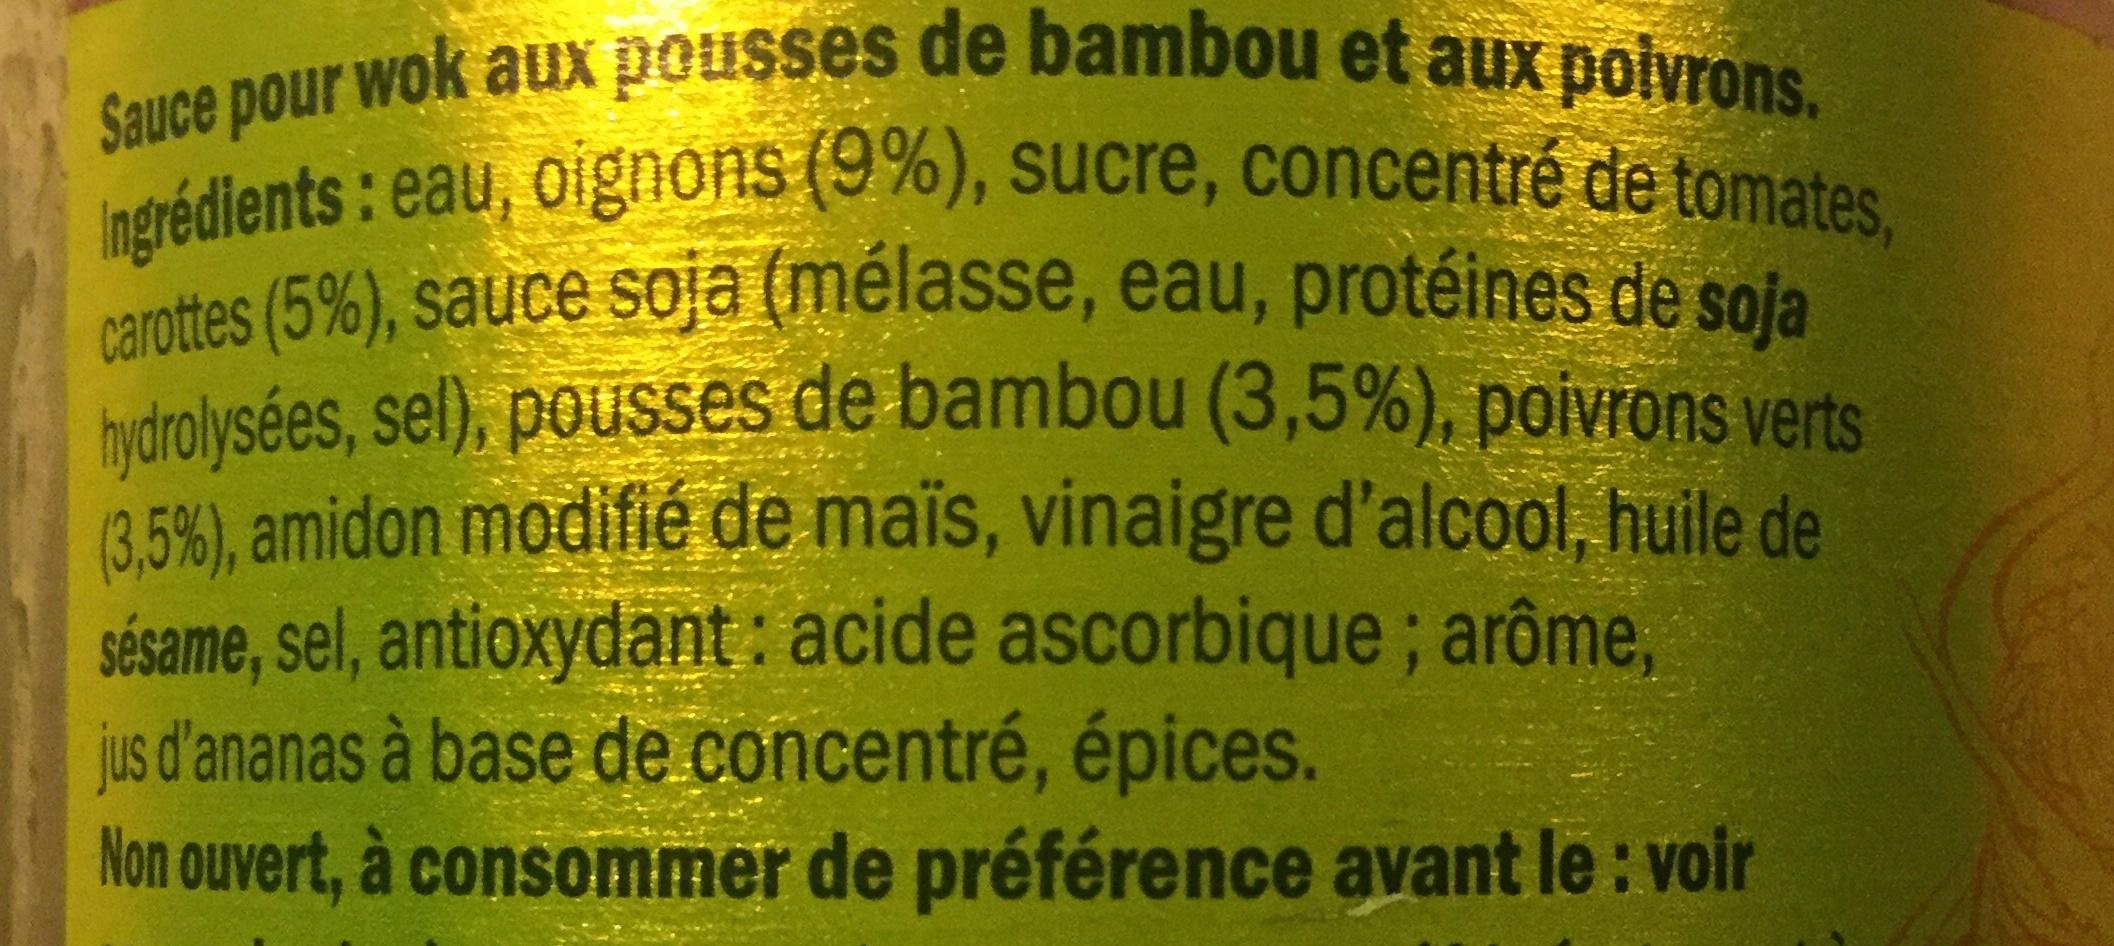 Sauce pour wok - pousses de bambou et poivrons - Ingrédients - fr